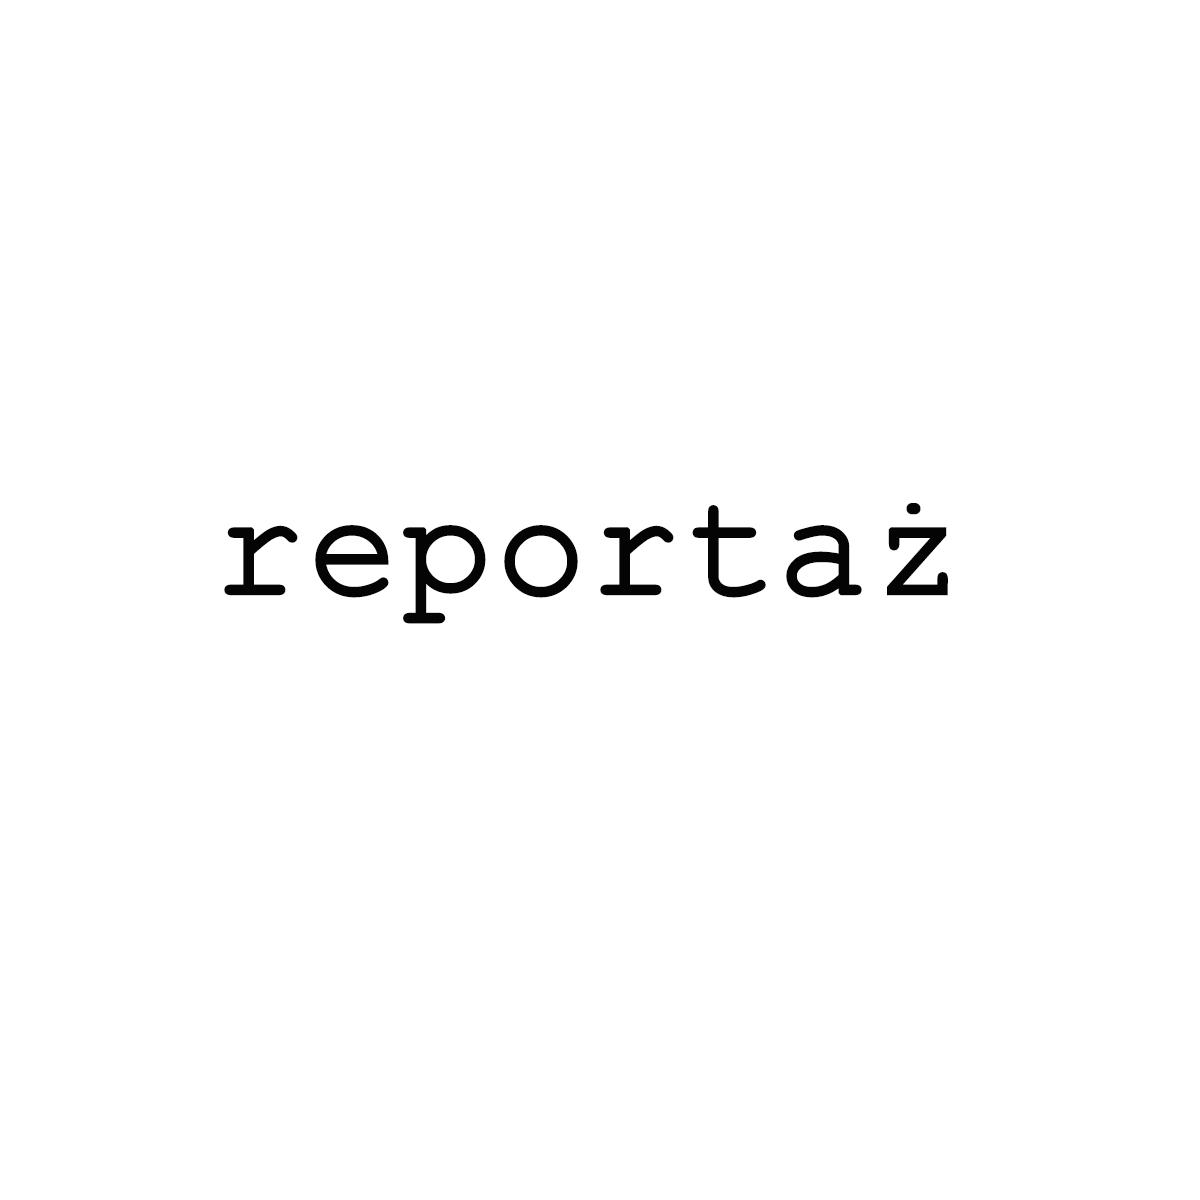 reportay